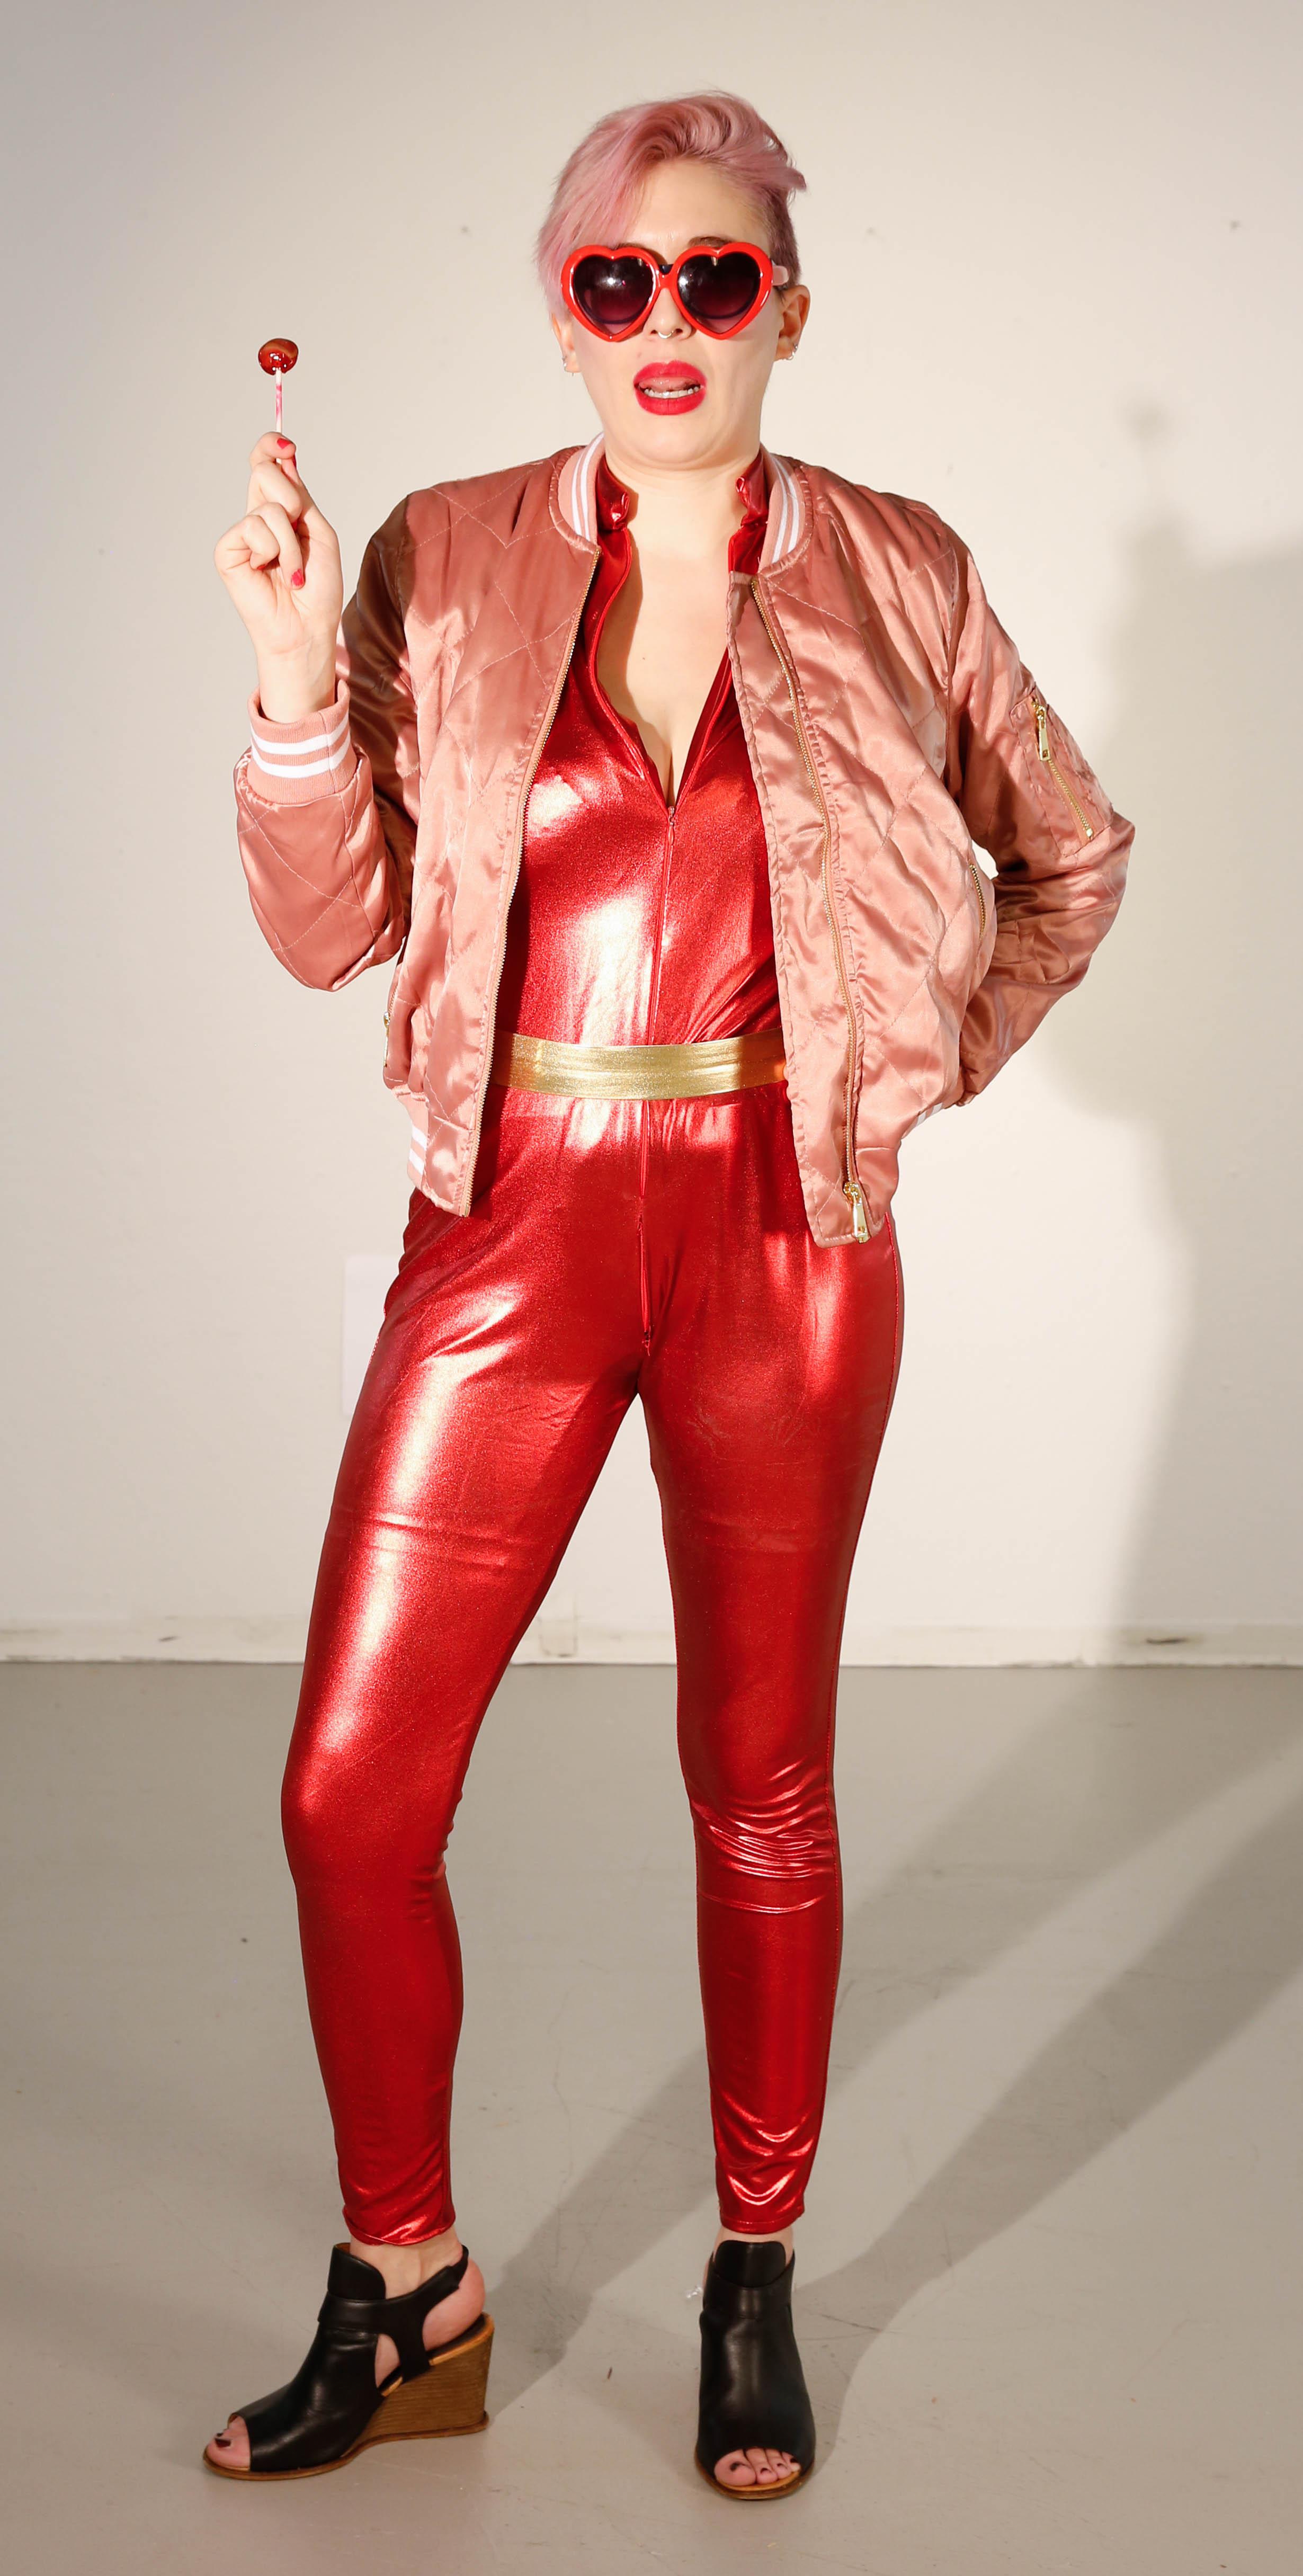 Feminist Killjoy (costume)